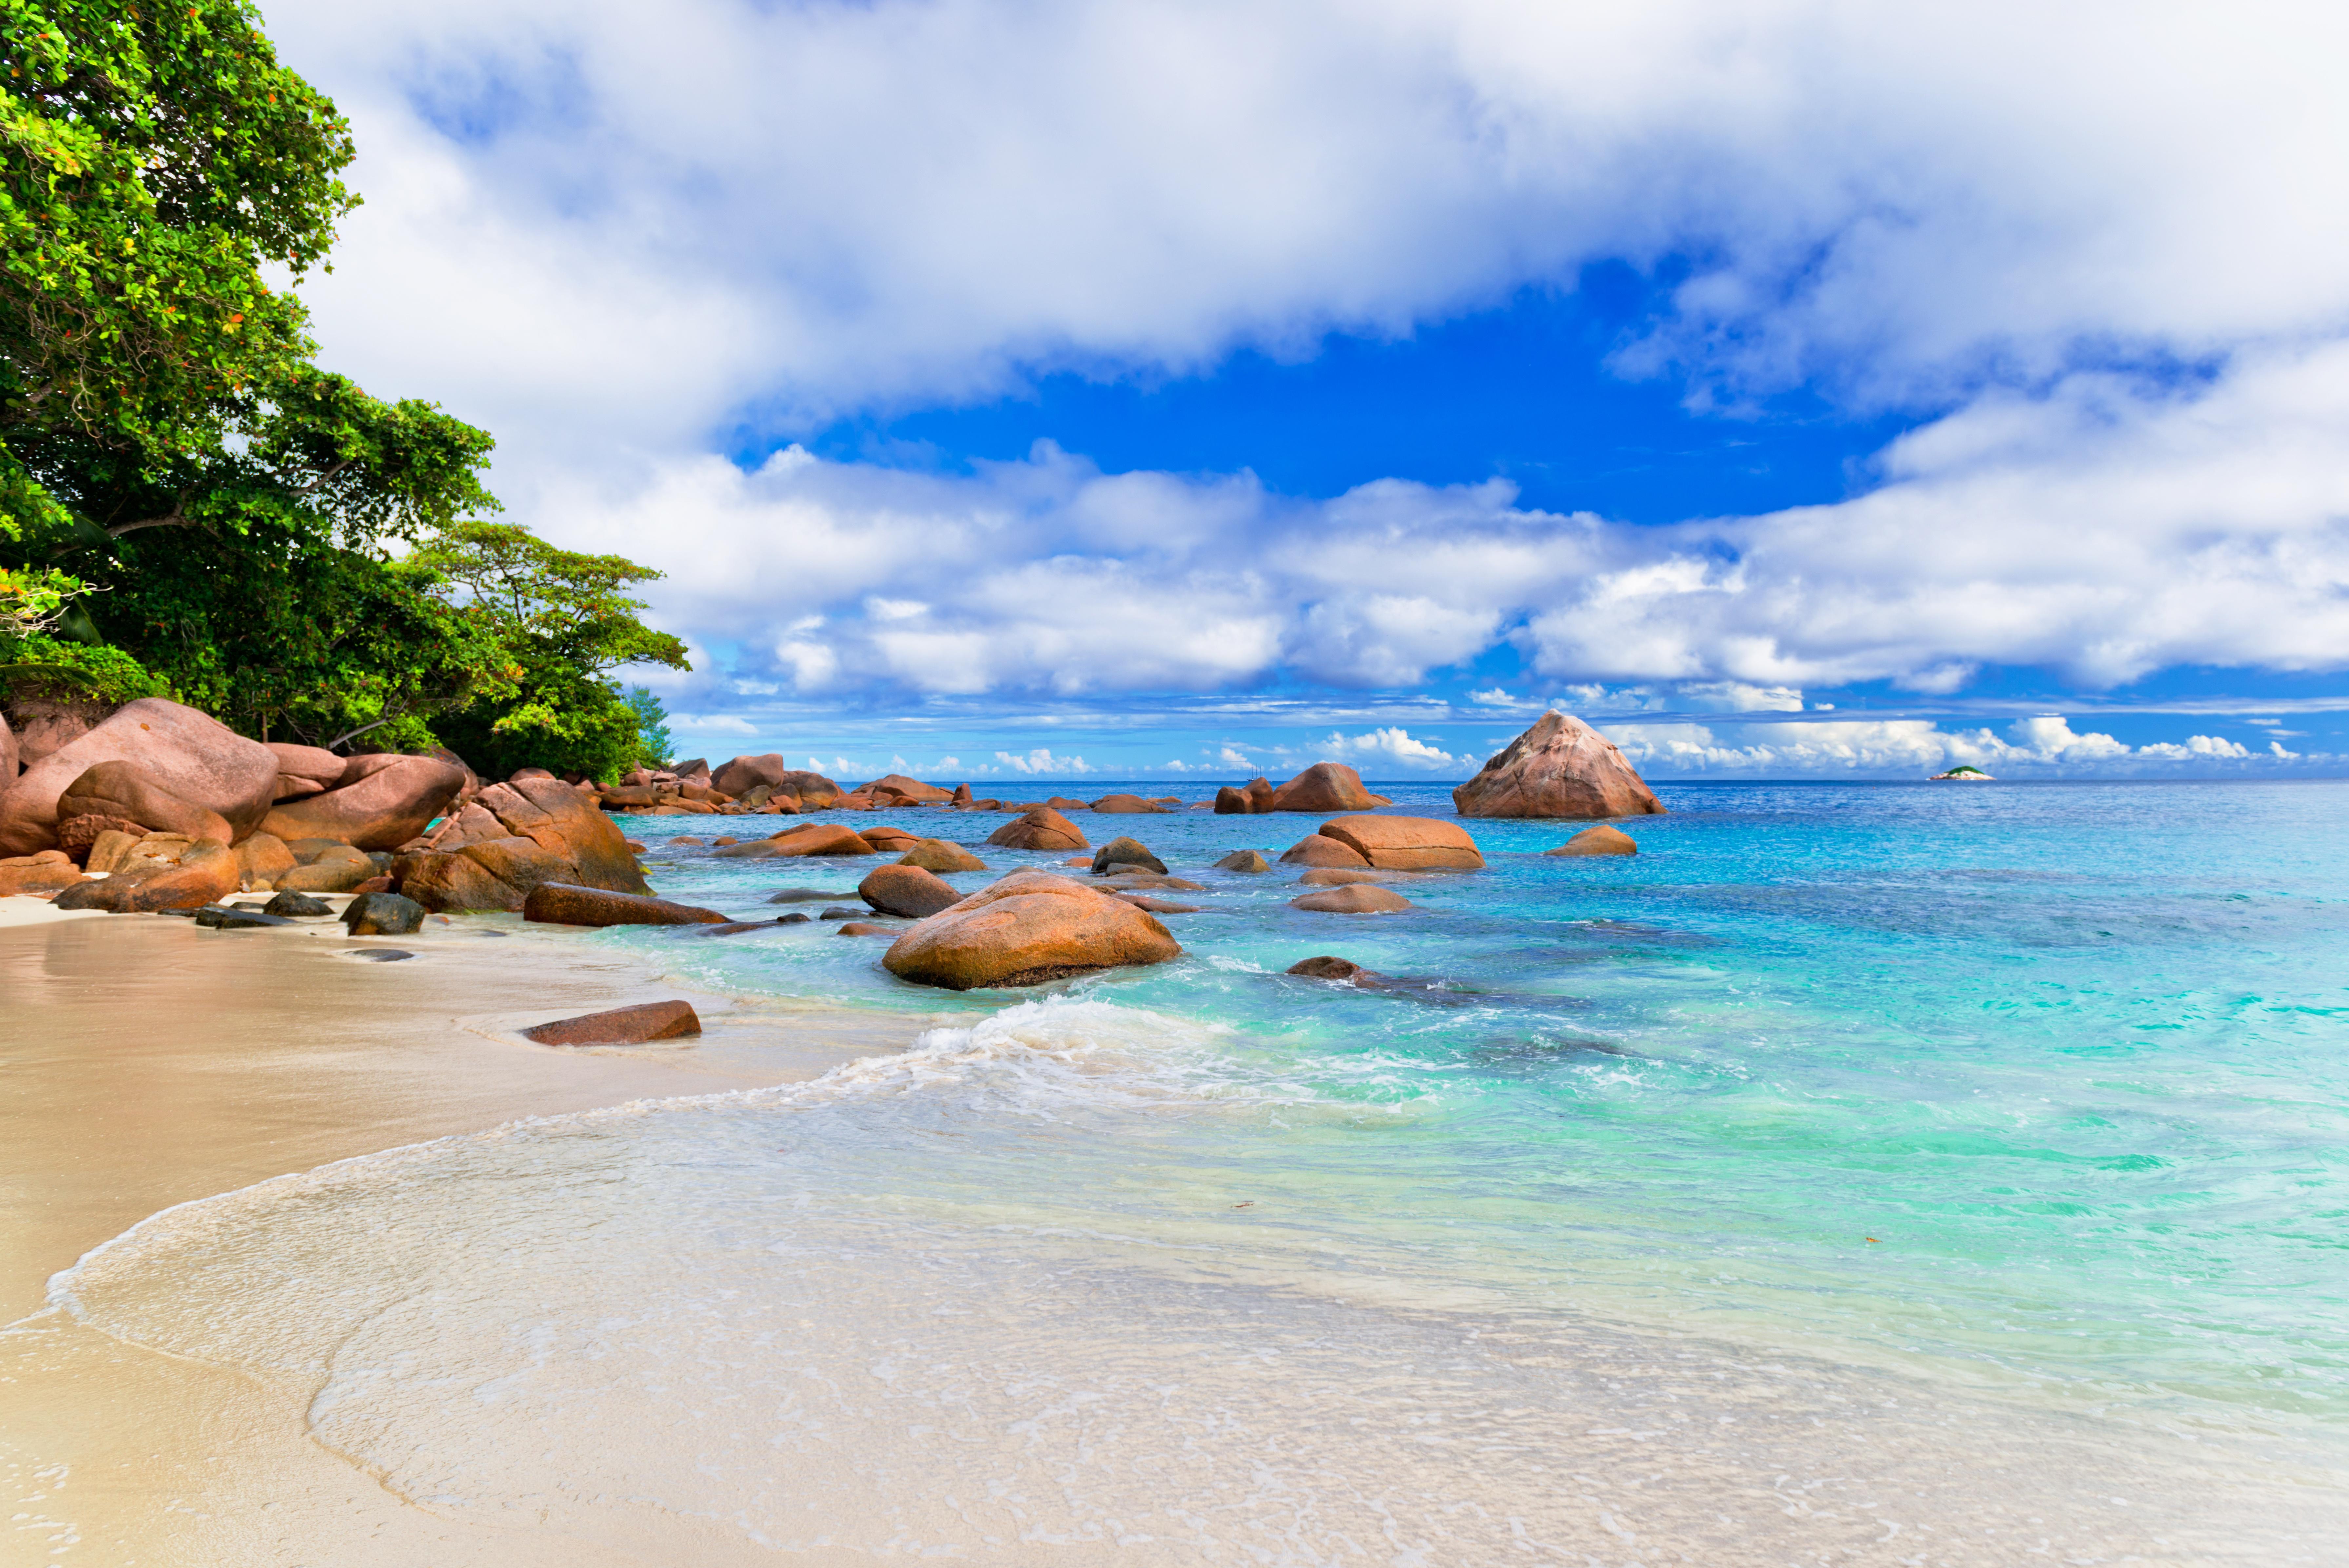 картинки пляж большое разрешение отличие других